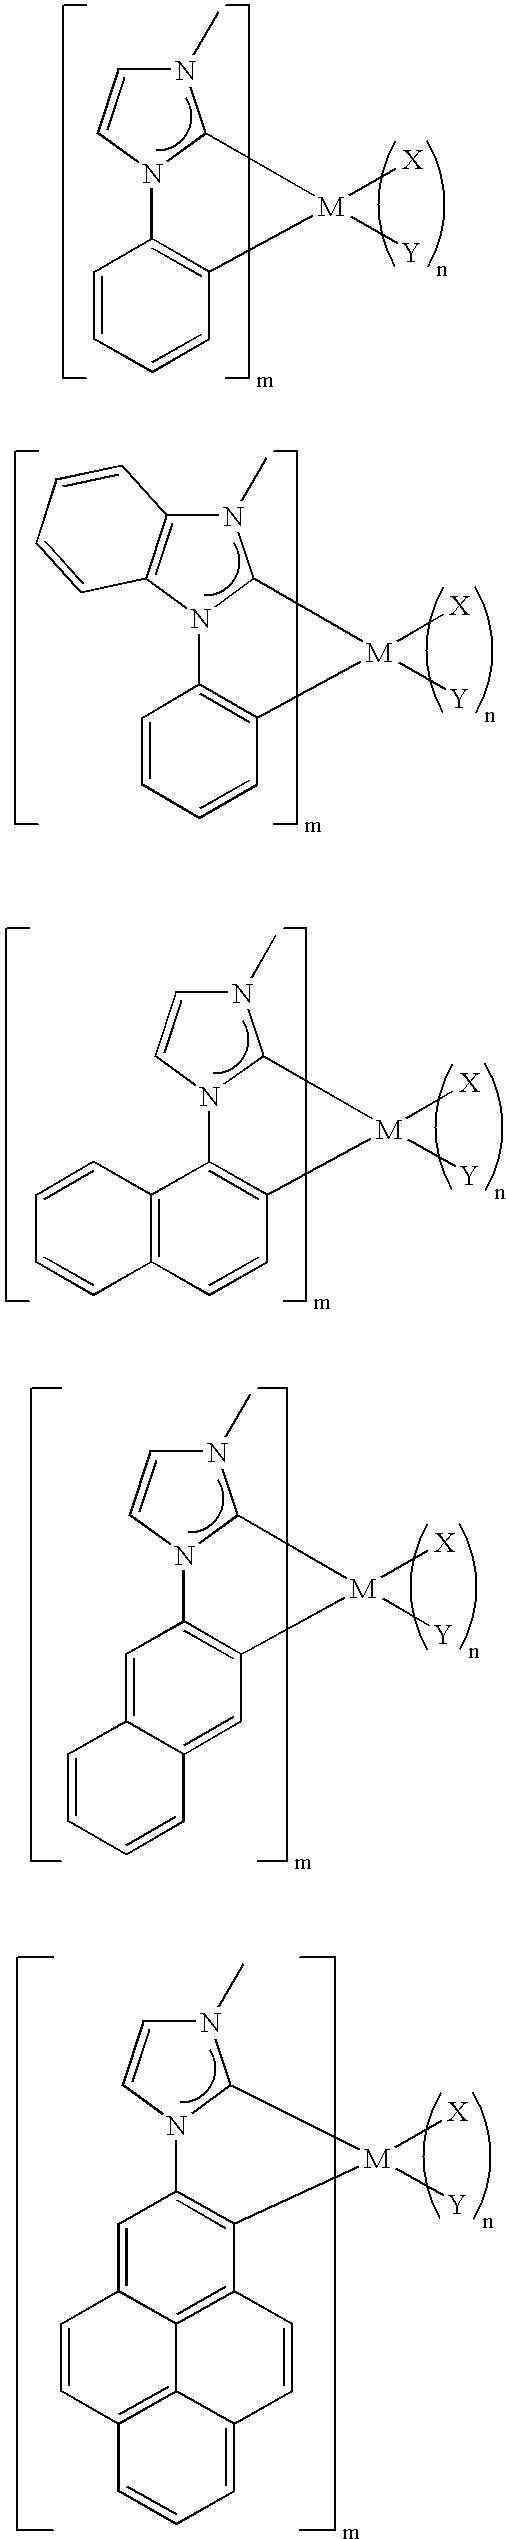 Figure US20050260441A1-20051124-C00028